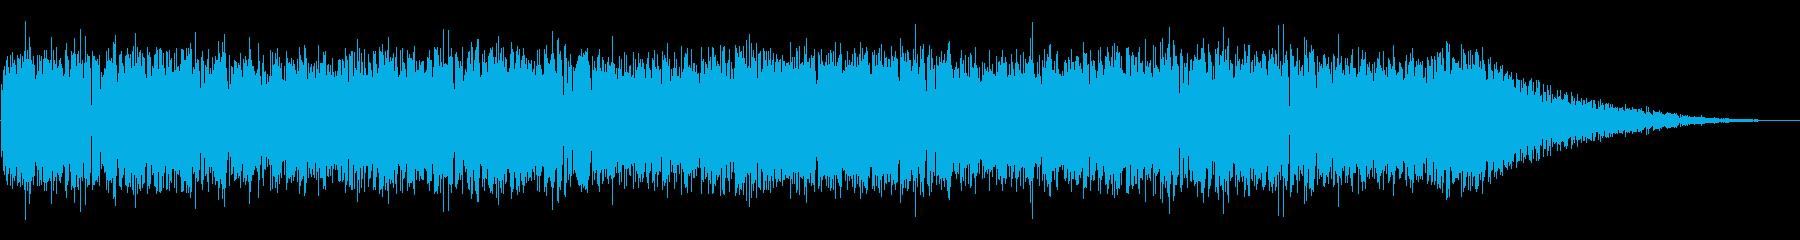 軽快なオールディーズ風ロックナンバー☆の再生済みの波形